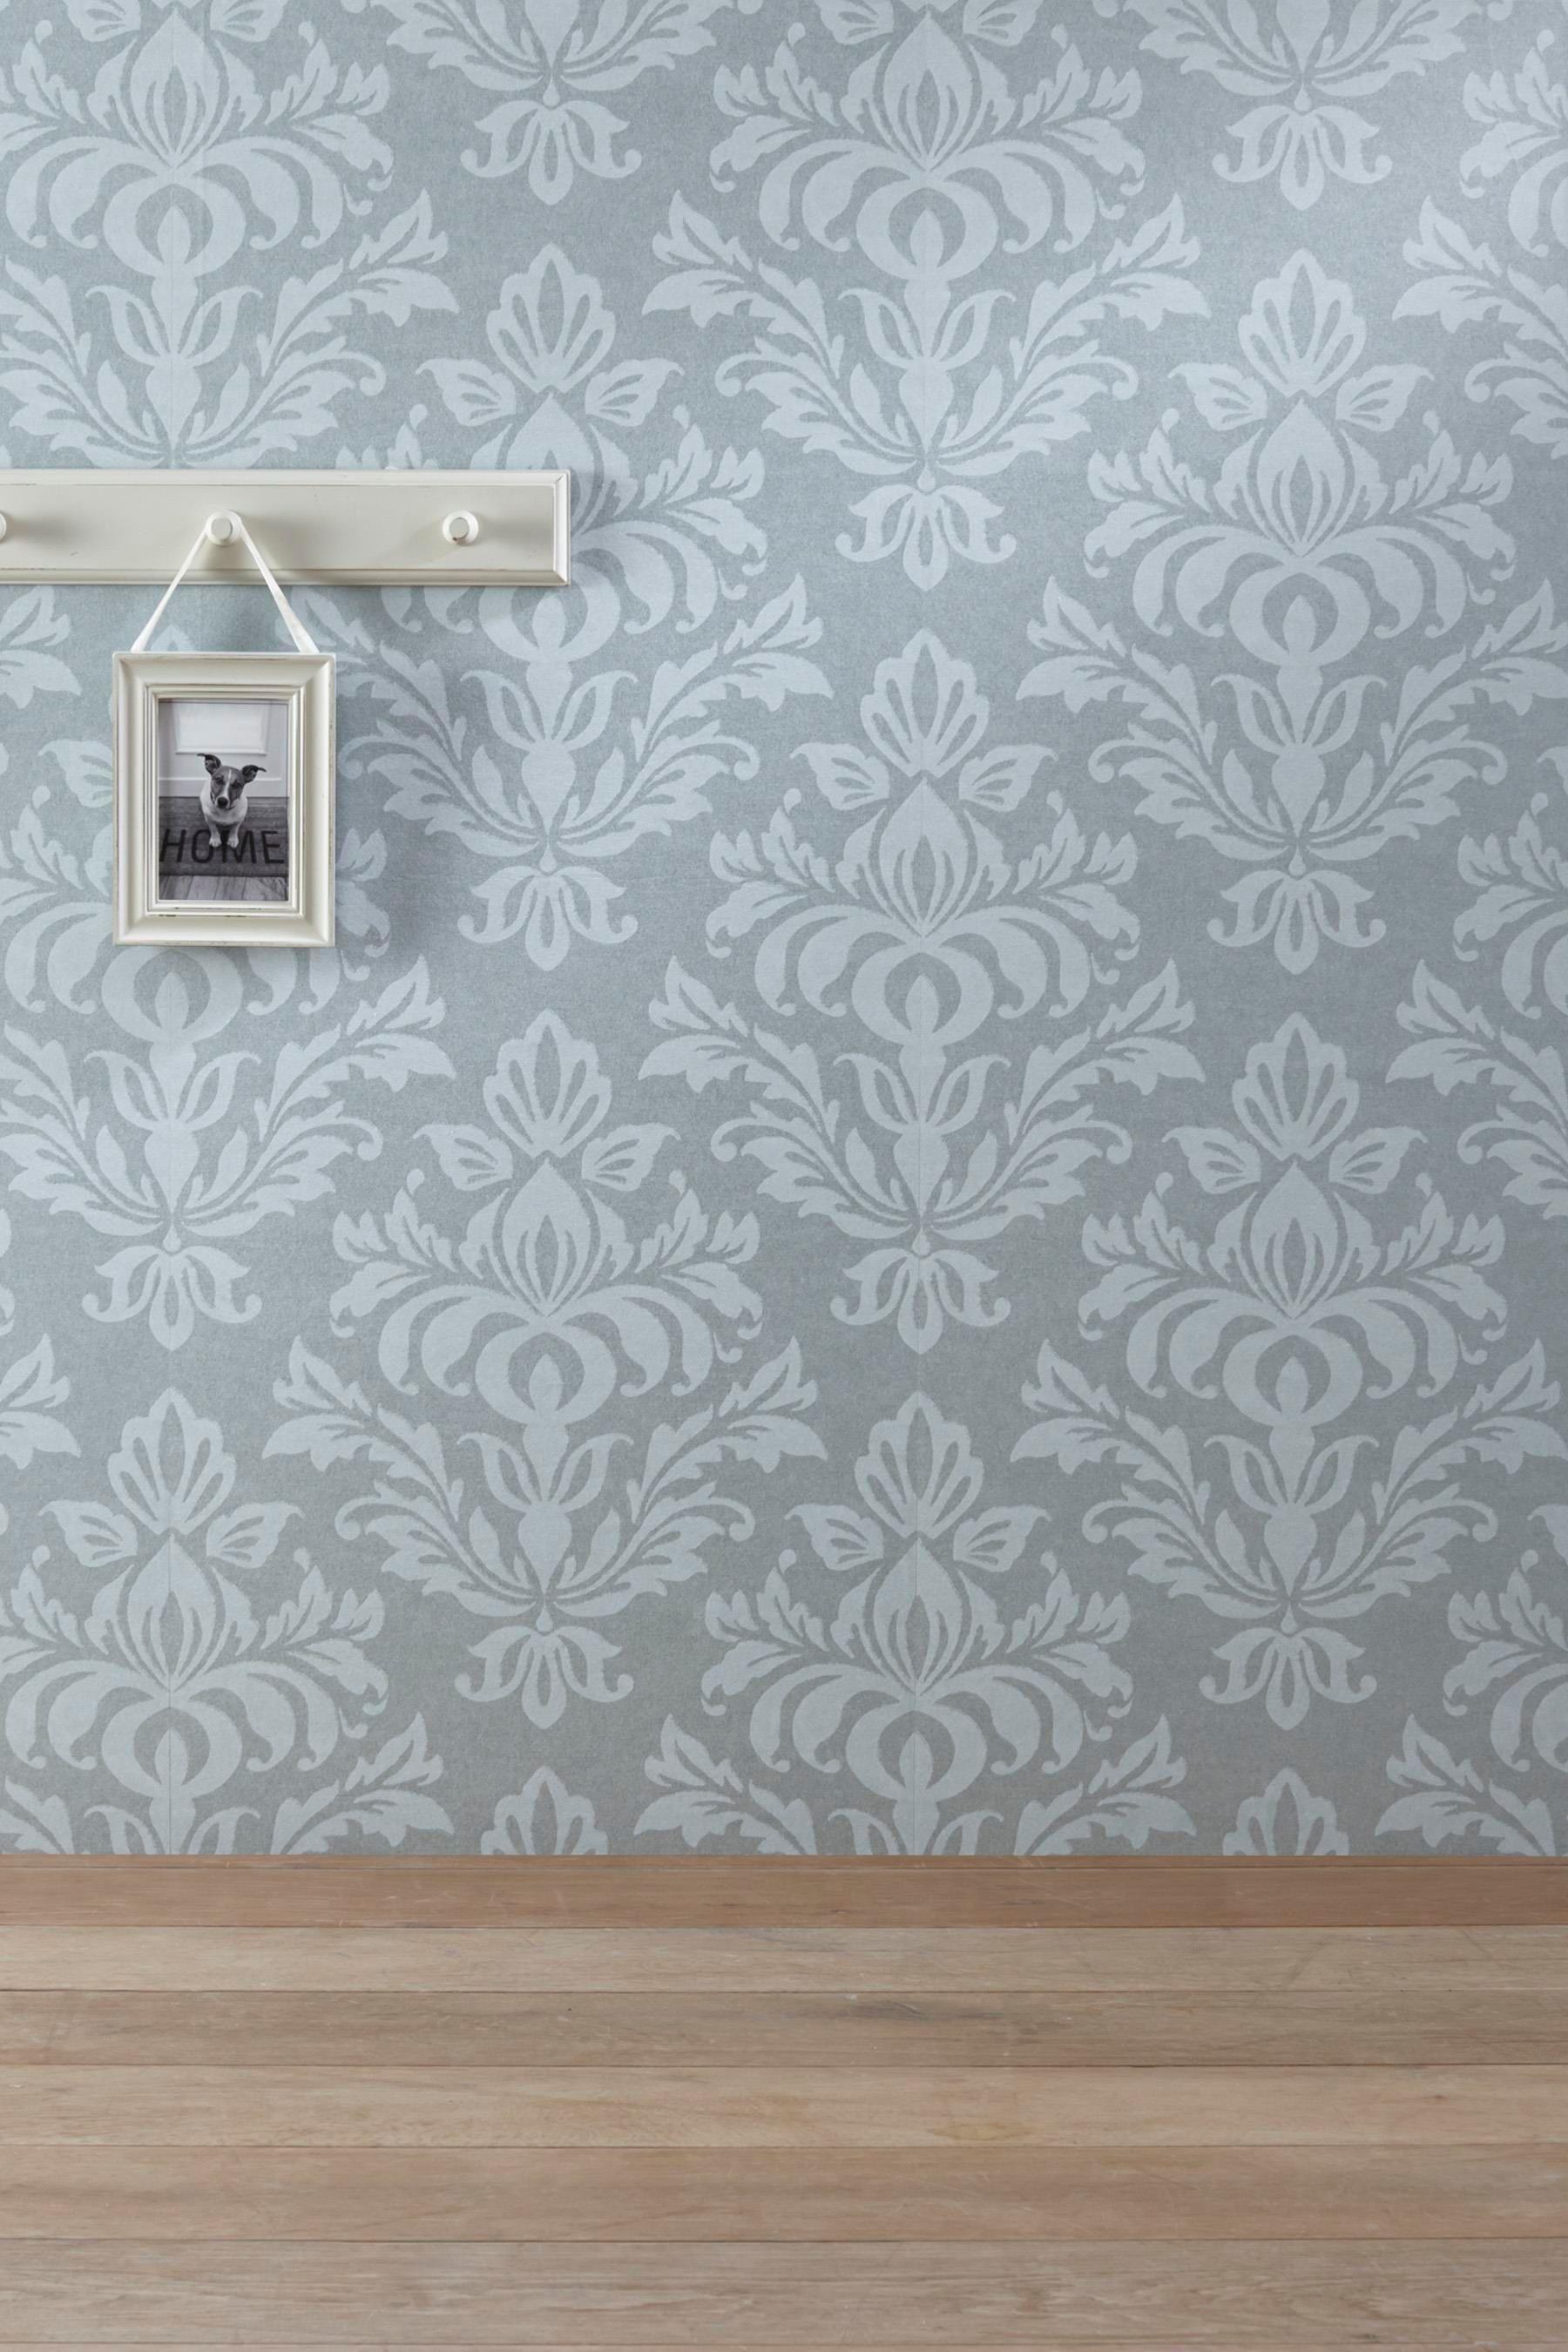 Buy Teal Damask Wallpaper from the Next UK online shop   Master bedroom   Pinterest   Damask ...